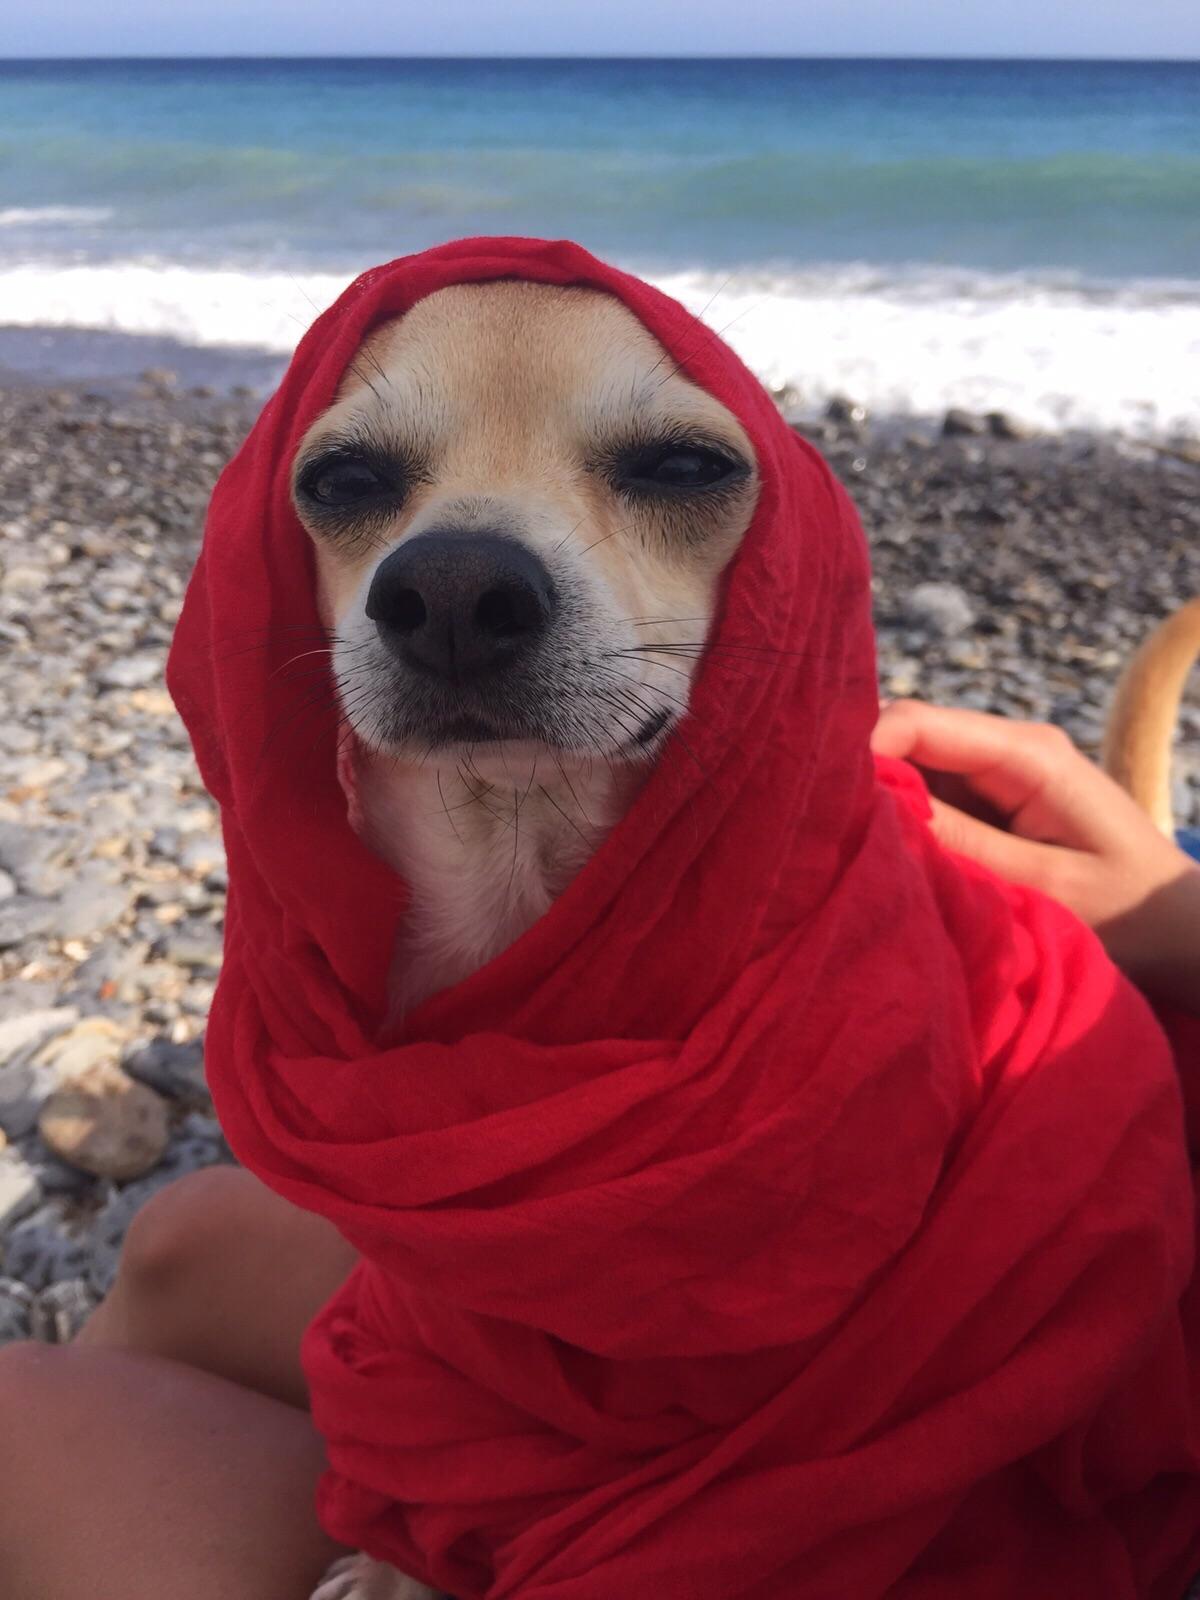 Le migliori spiagge per cani in Italia - 2016 Achille